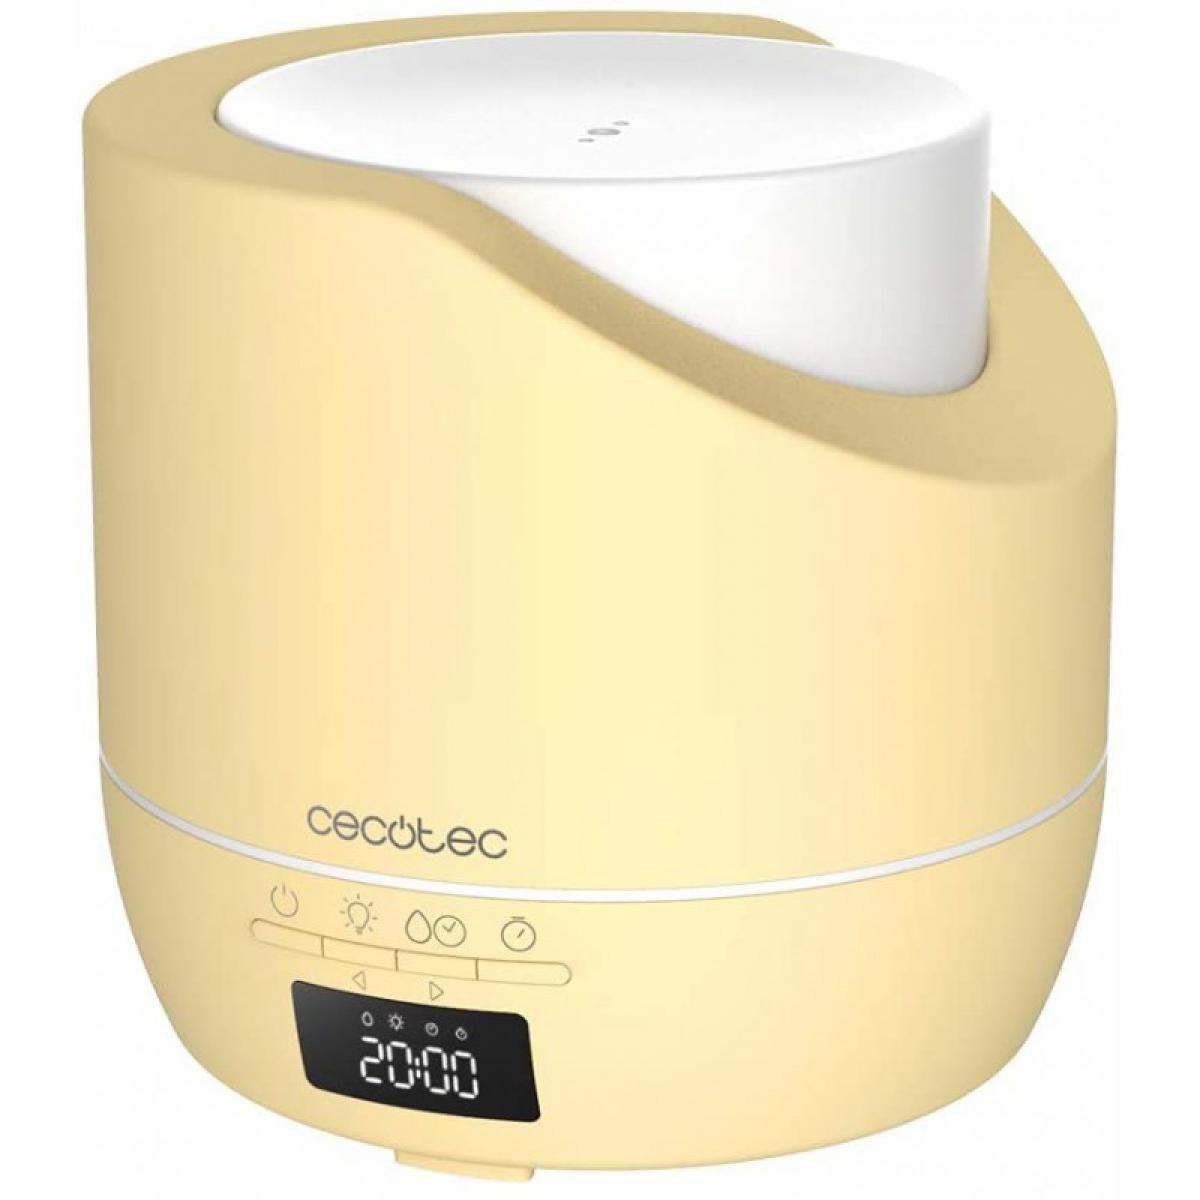 Cecotec Cecotec, Diffuseur d'arômes, PureAroma 500 Écran, 3 modes de fonctionnement, jusqu'à 30 m2, minuterie 12 h, capacité 500